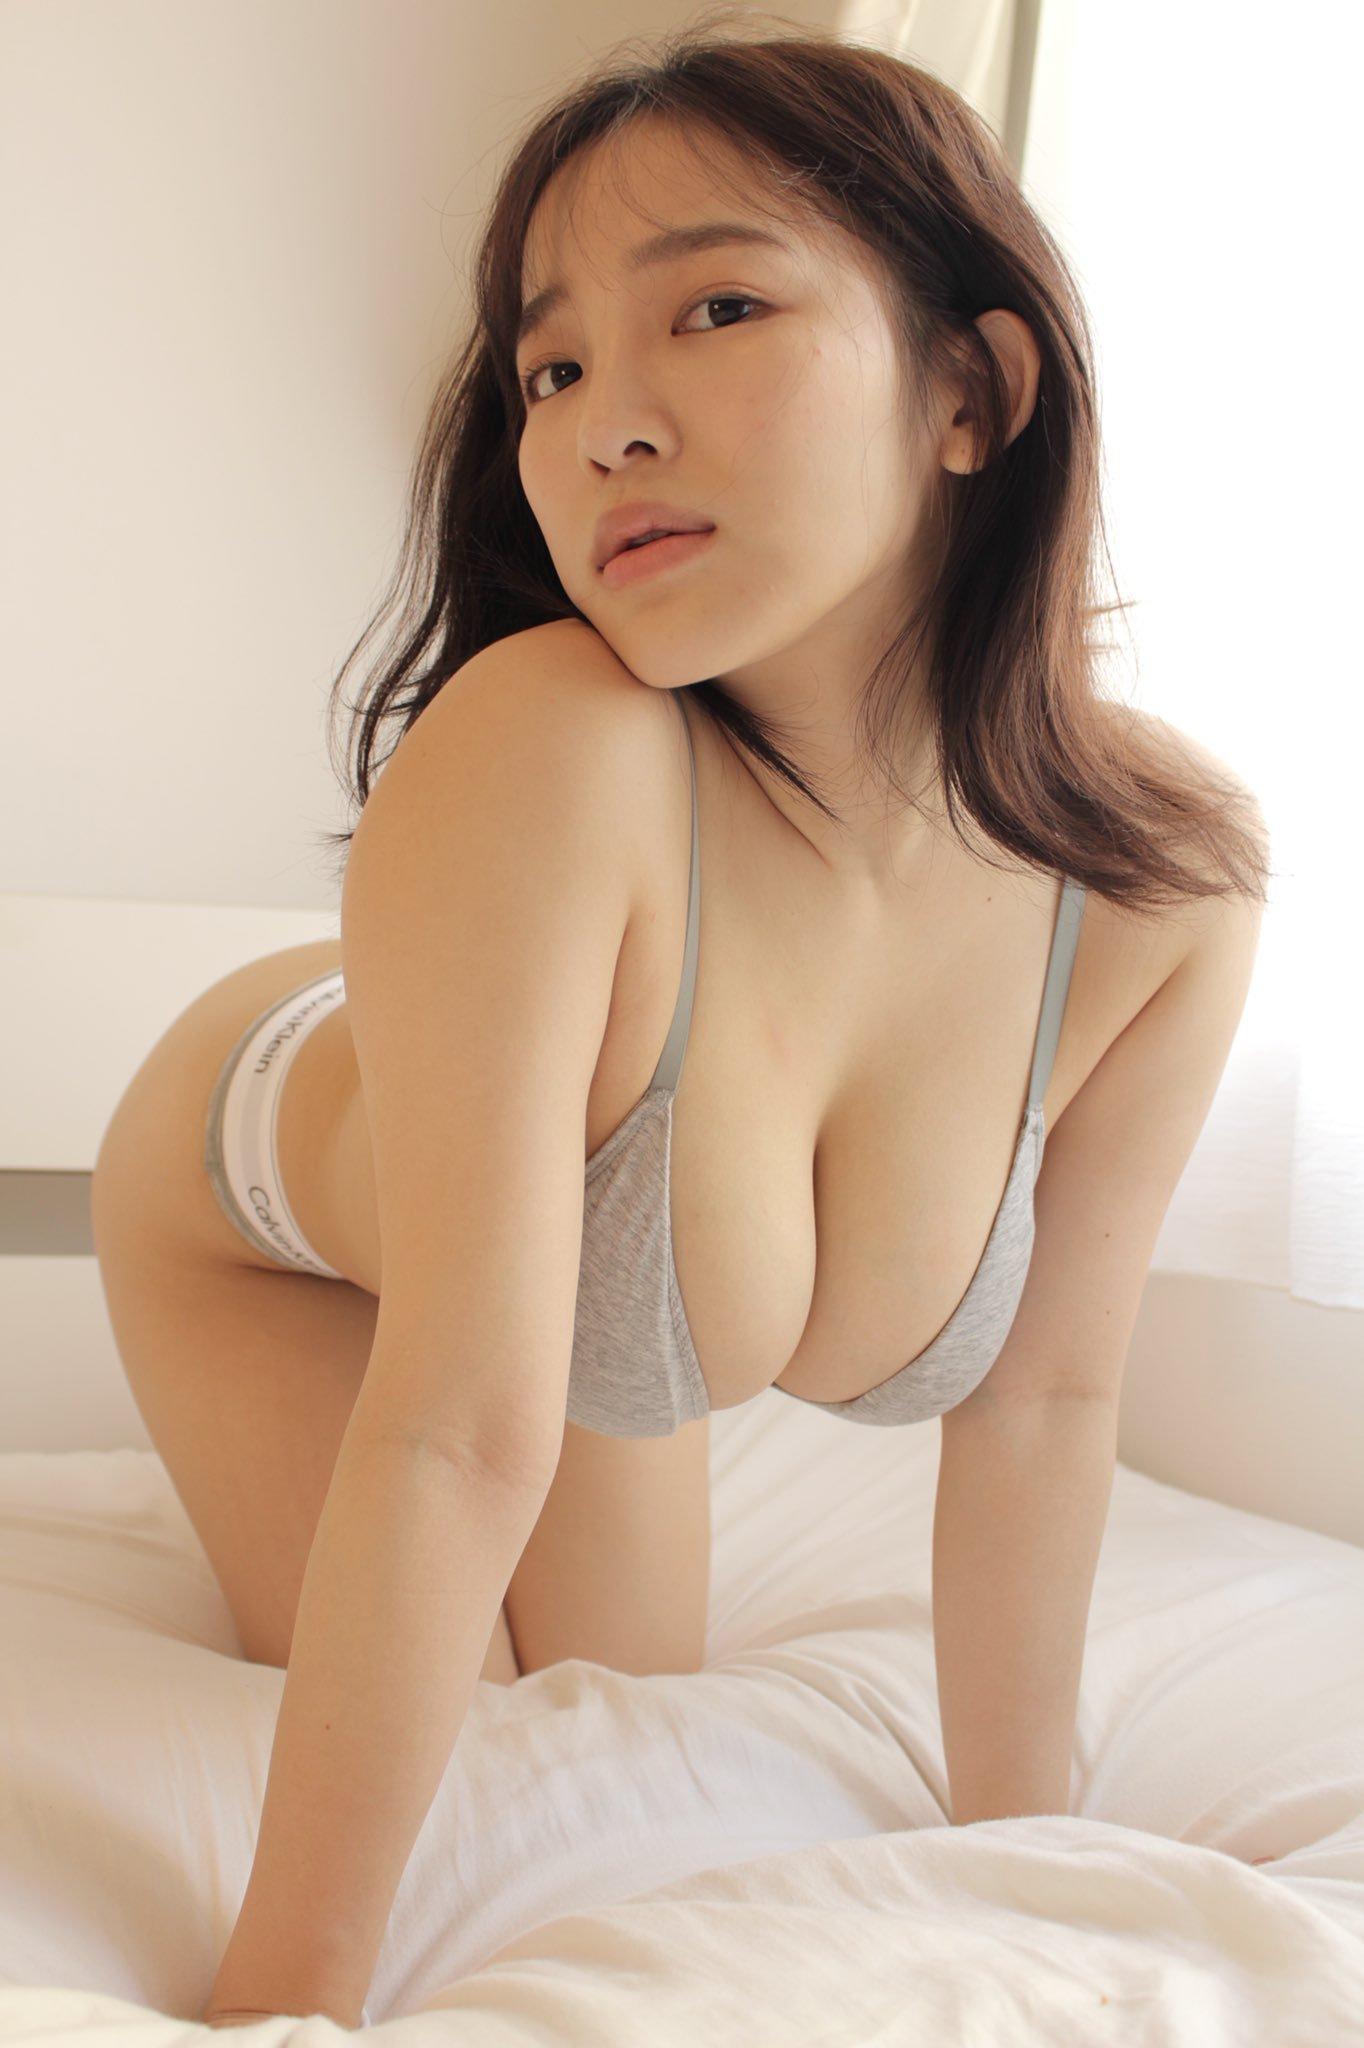 jun_amaki 1274937431649742848_p0